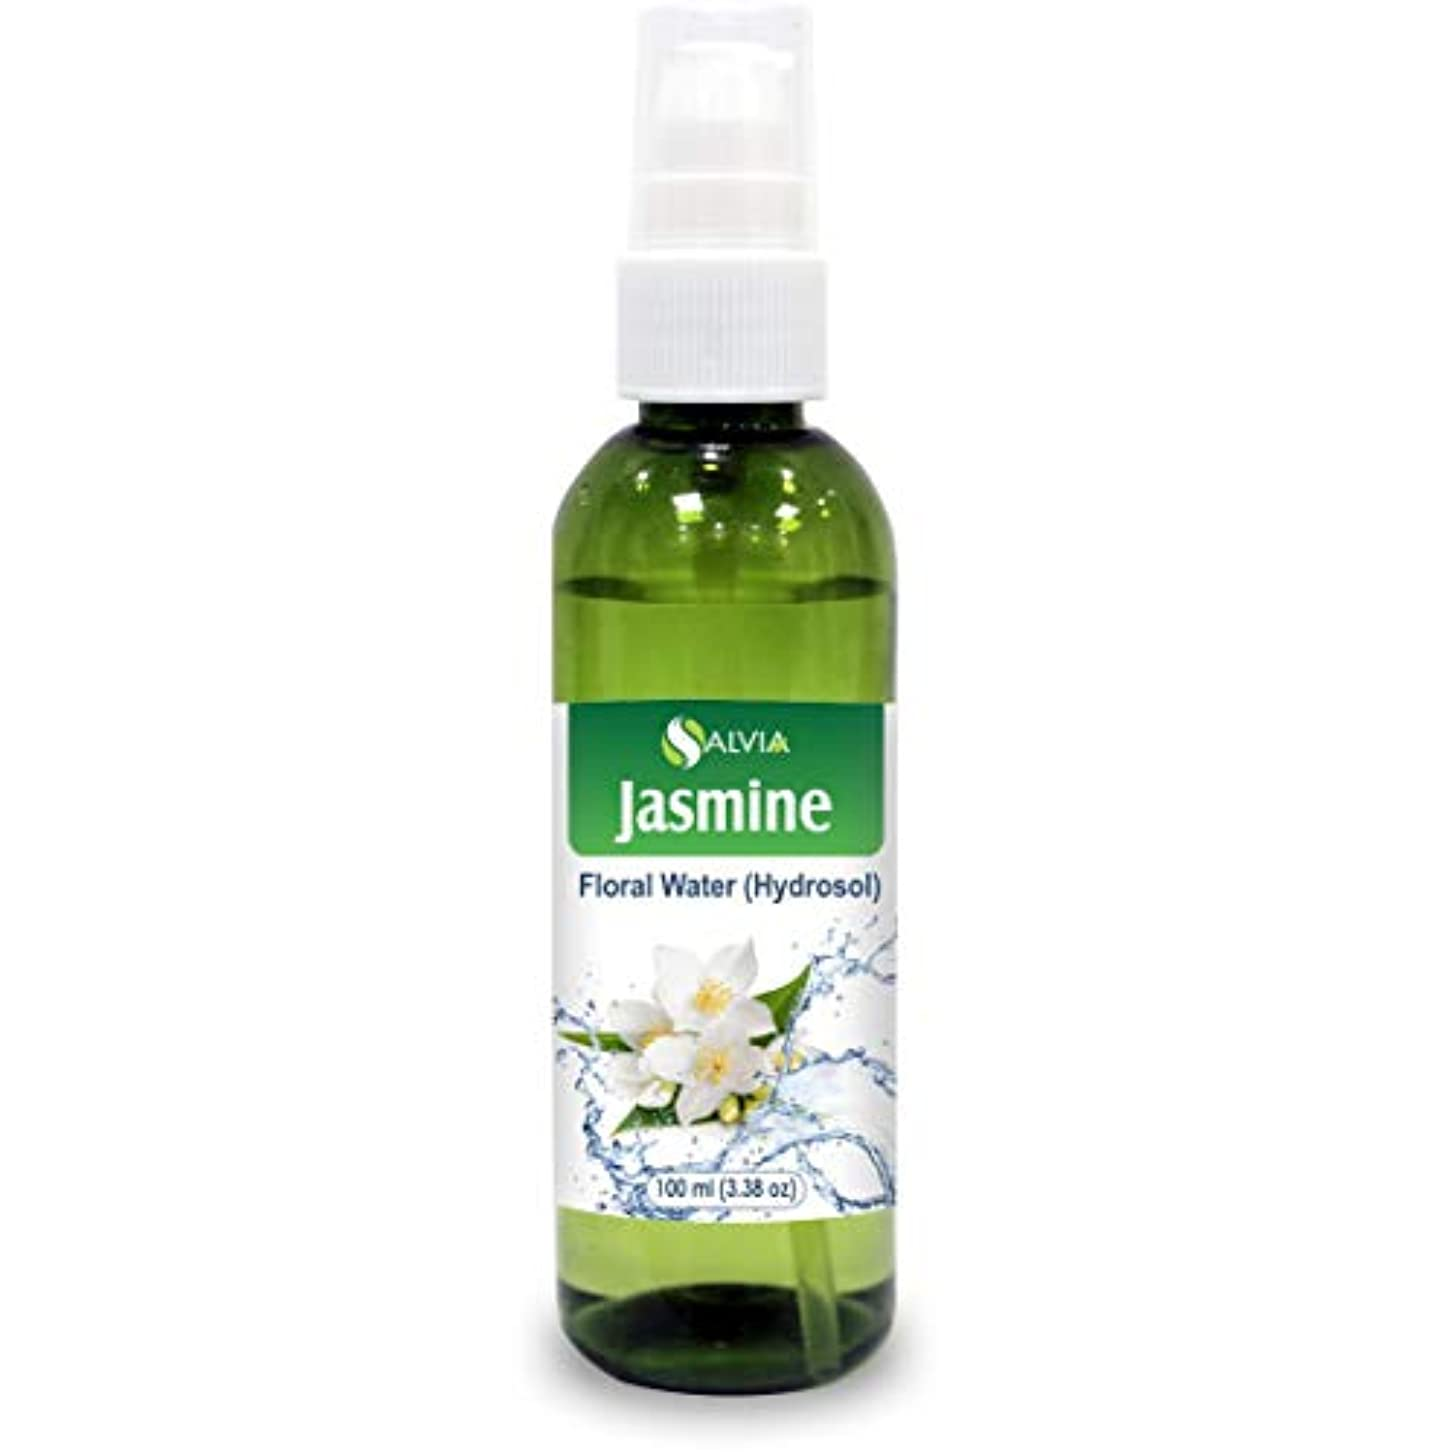 ゴミ箱を空にするコールオペレーターJasmine Floral Water 100ml (Hydrosol) 100% Pure And Natural